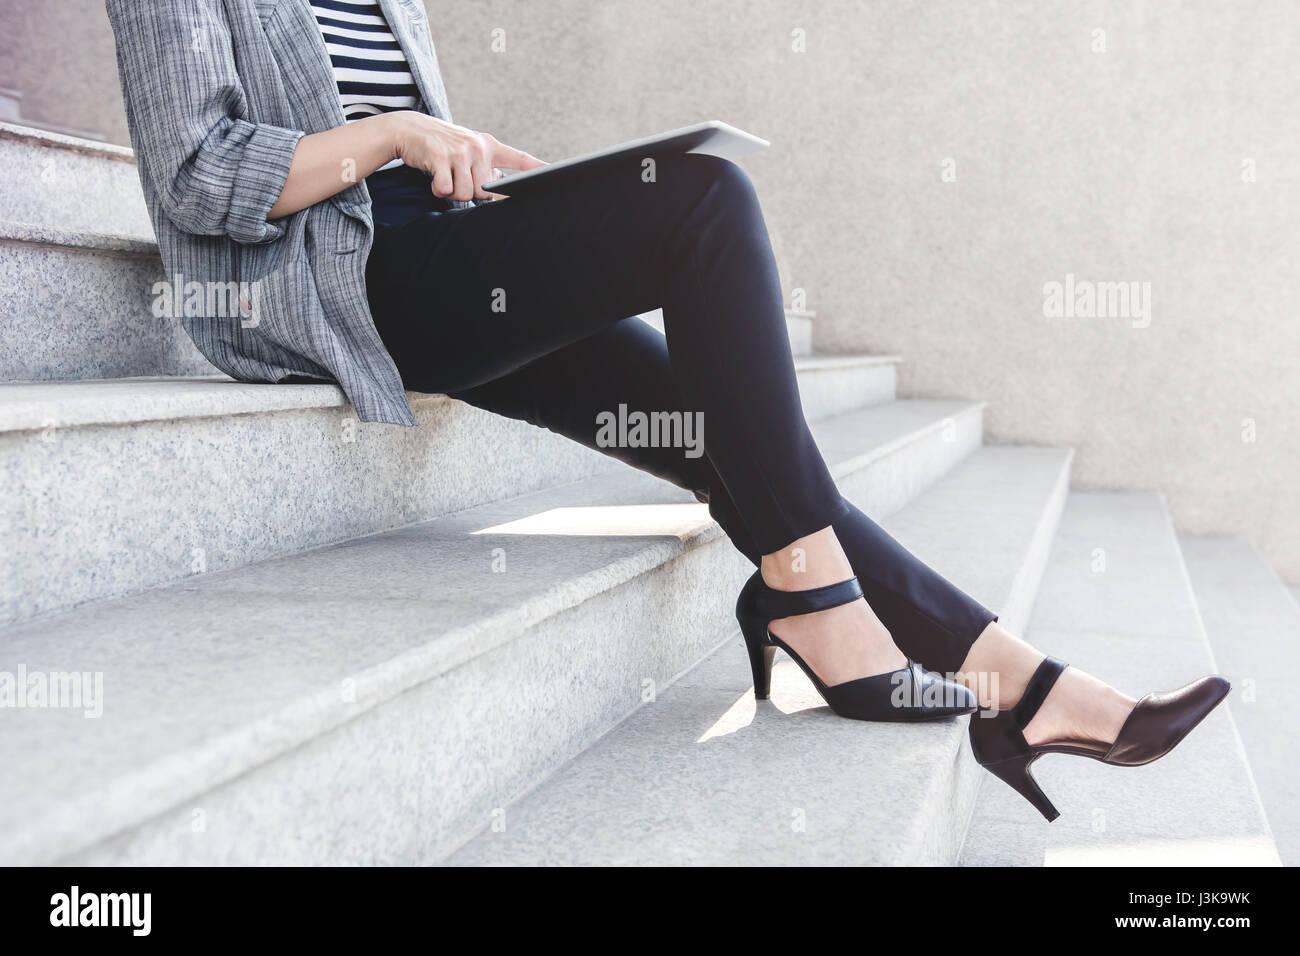 Femme au travail d'asseoir et using digital tablet, escalier extérieur, vue du côté de la technologie Photo Stock